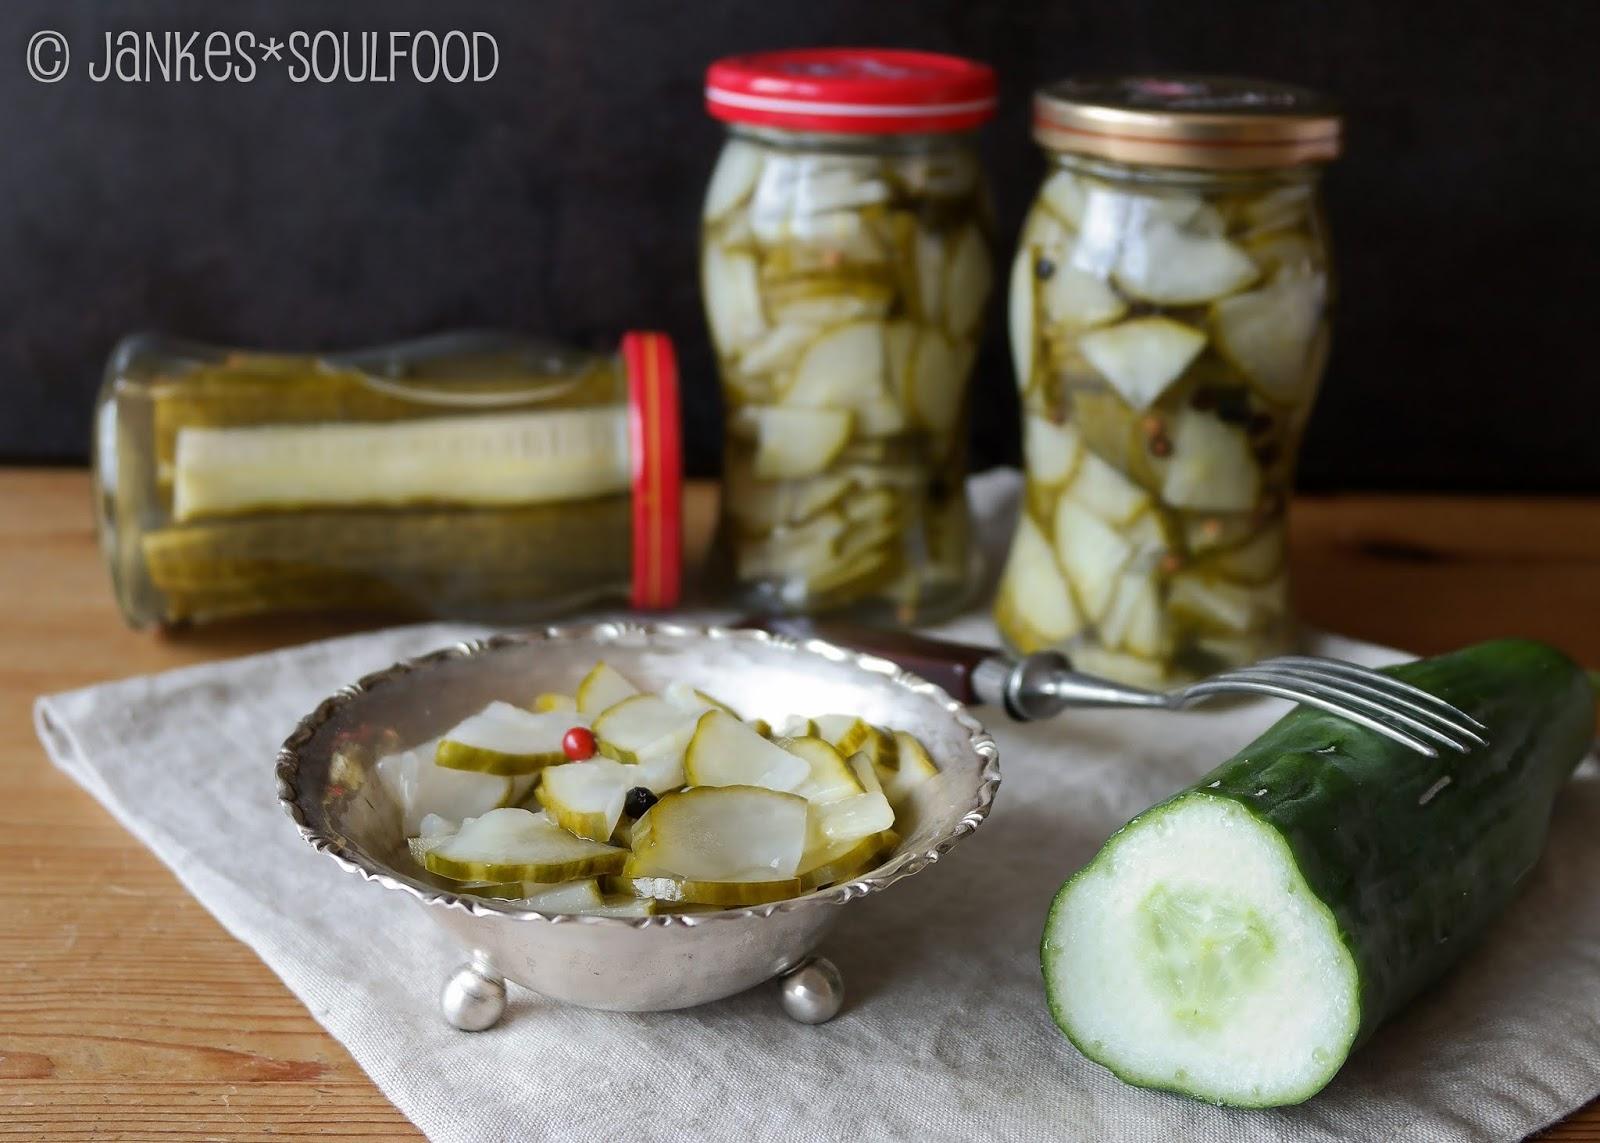 Salatgurken lecker einkochen